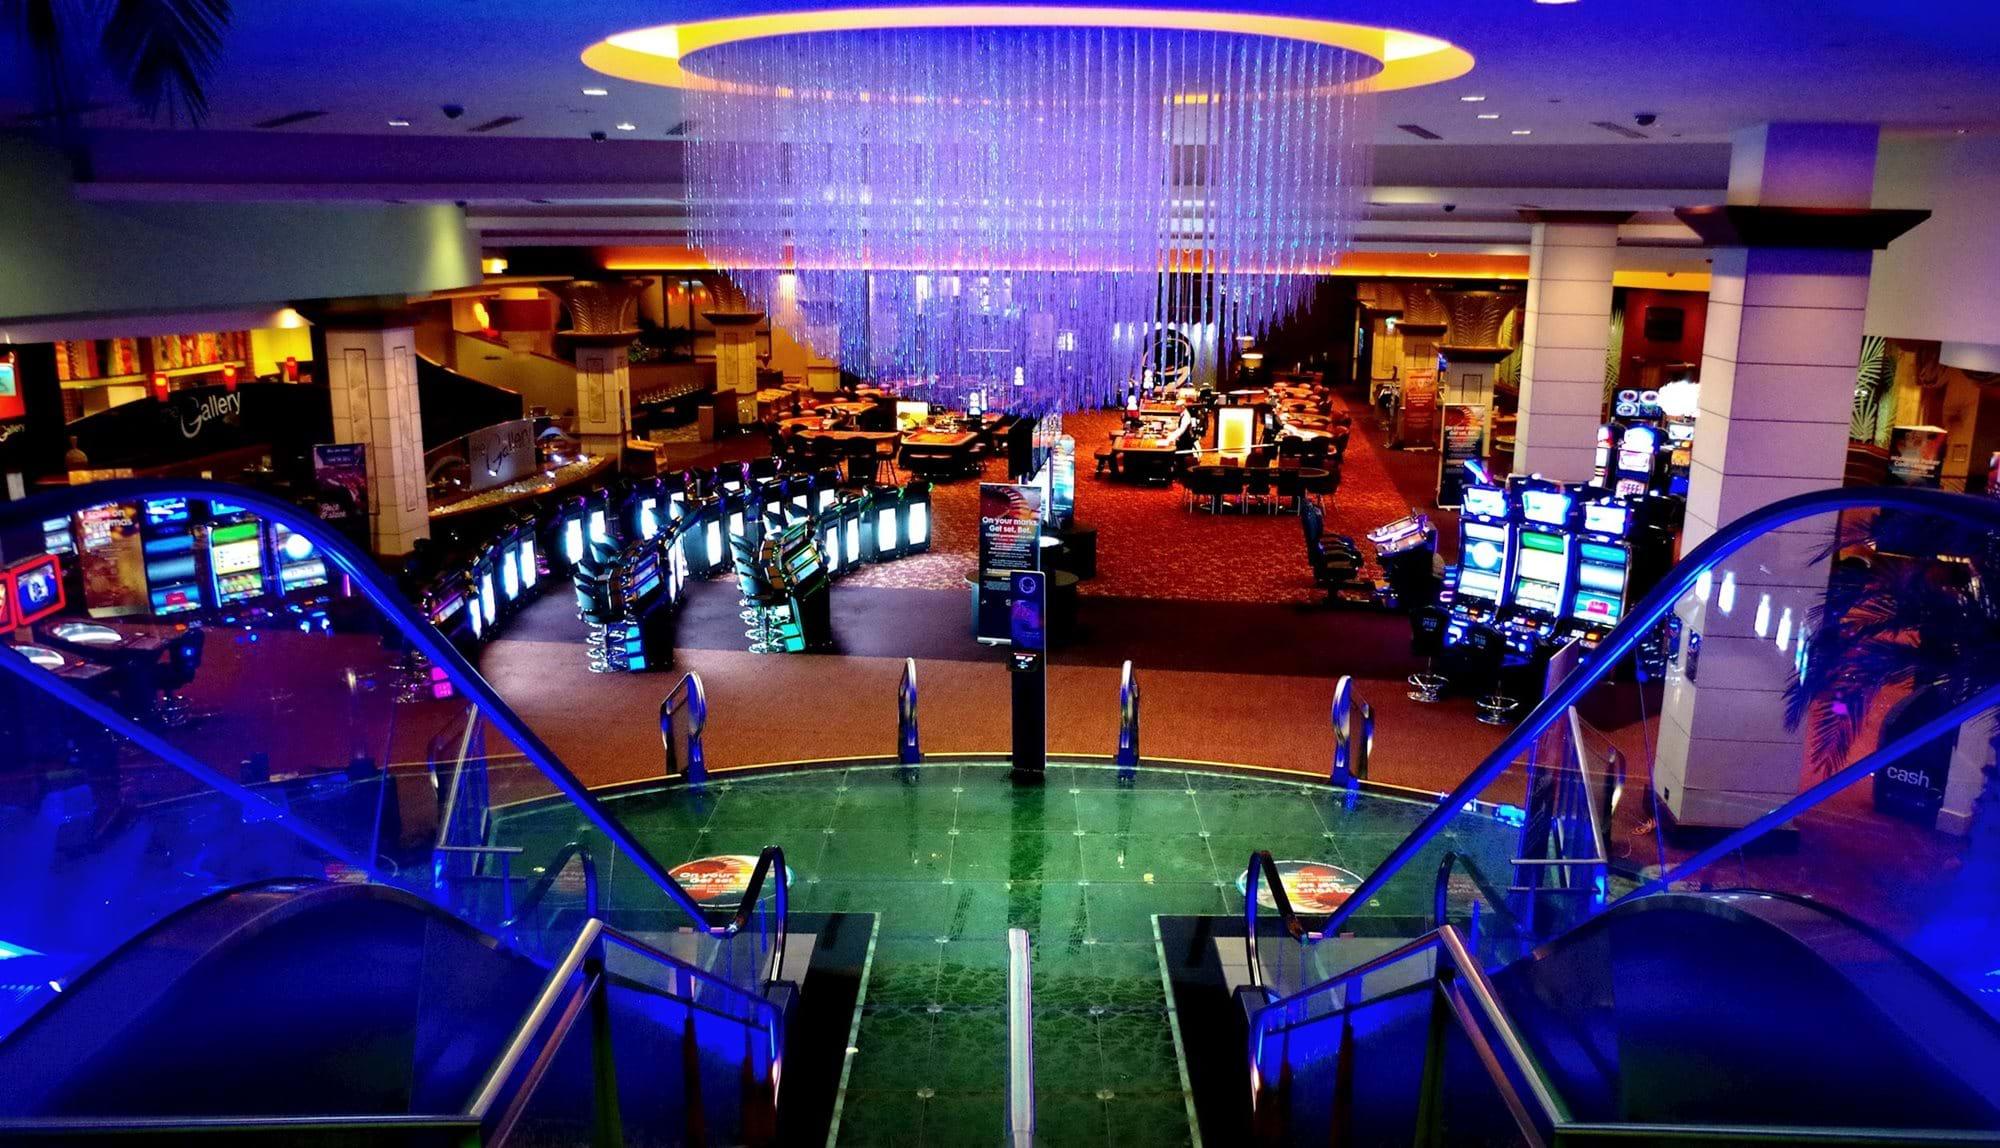 Grosvenor casino poker room coventry uk